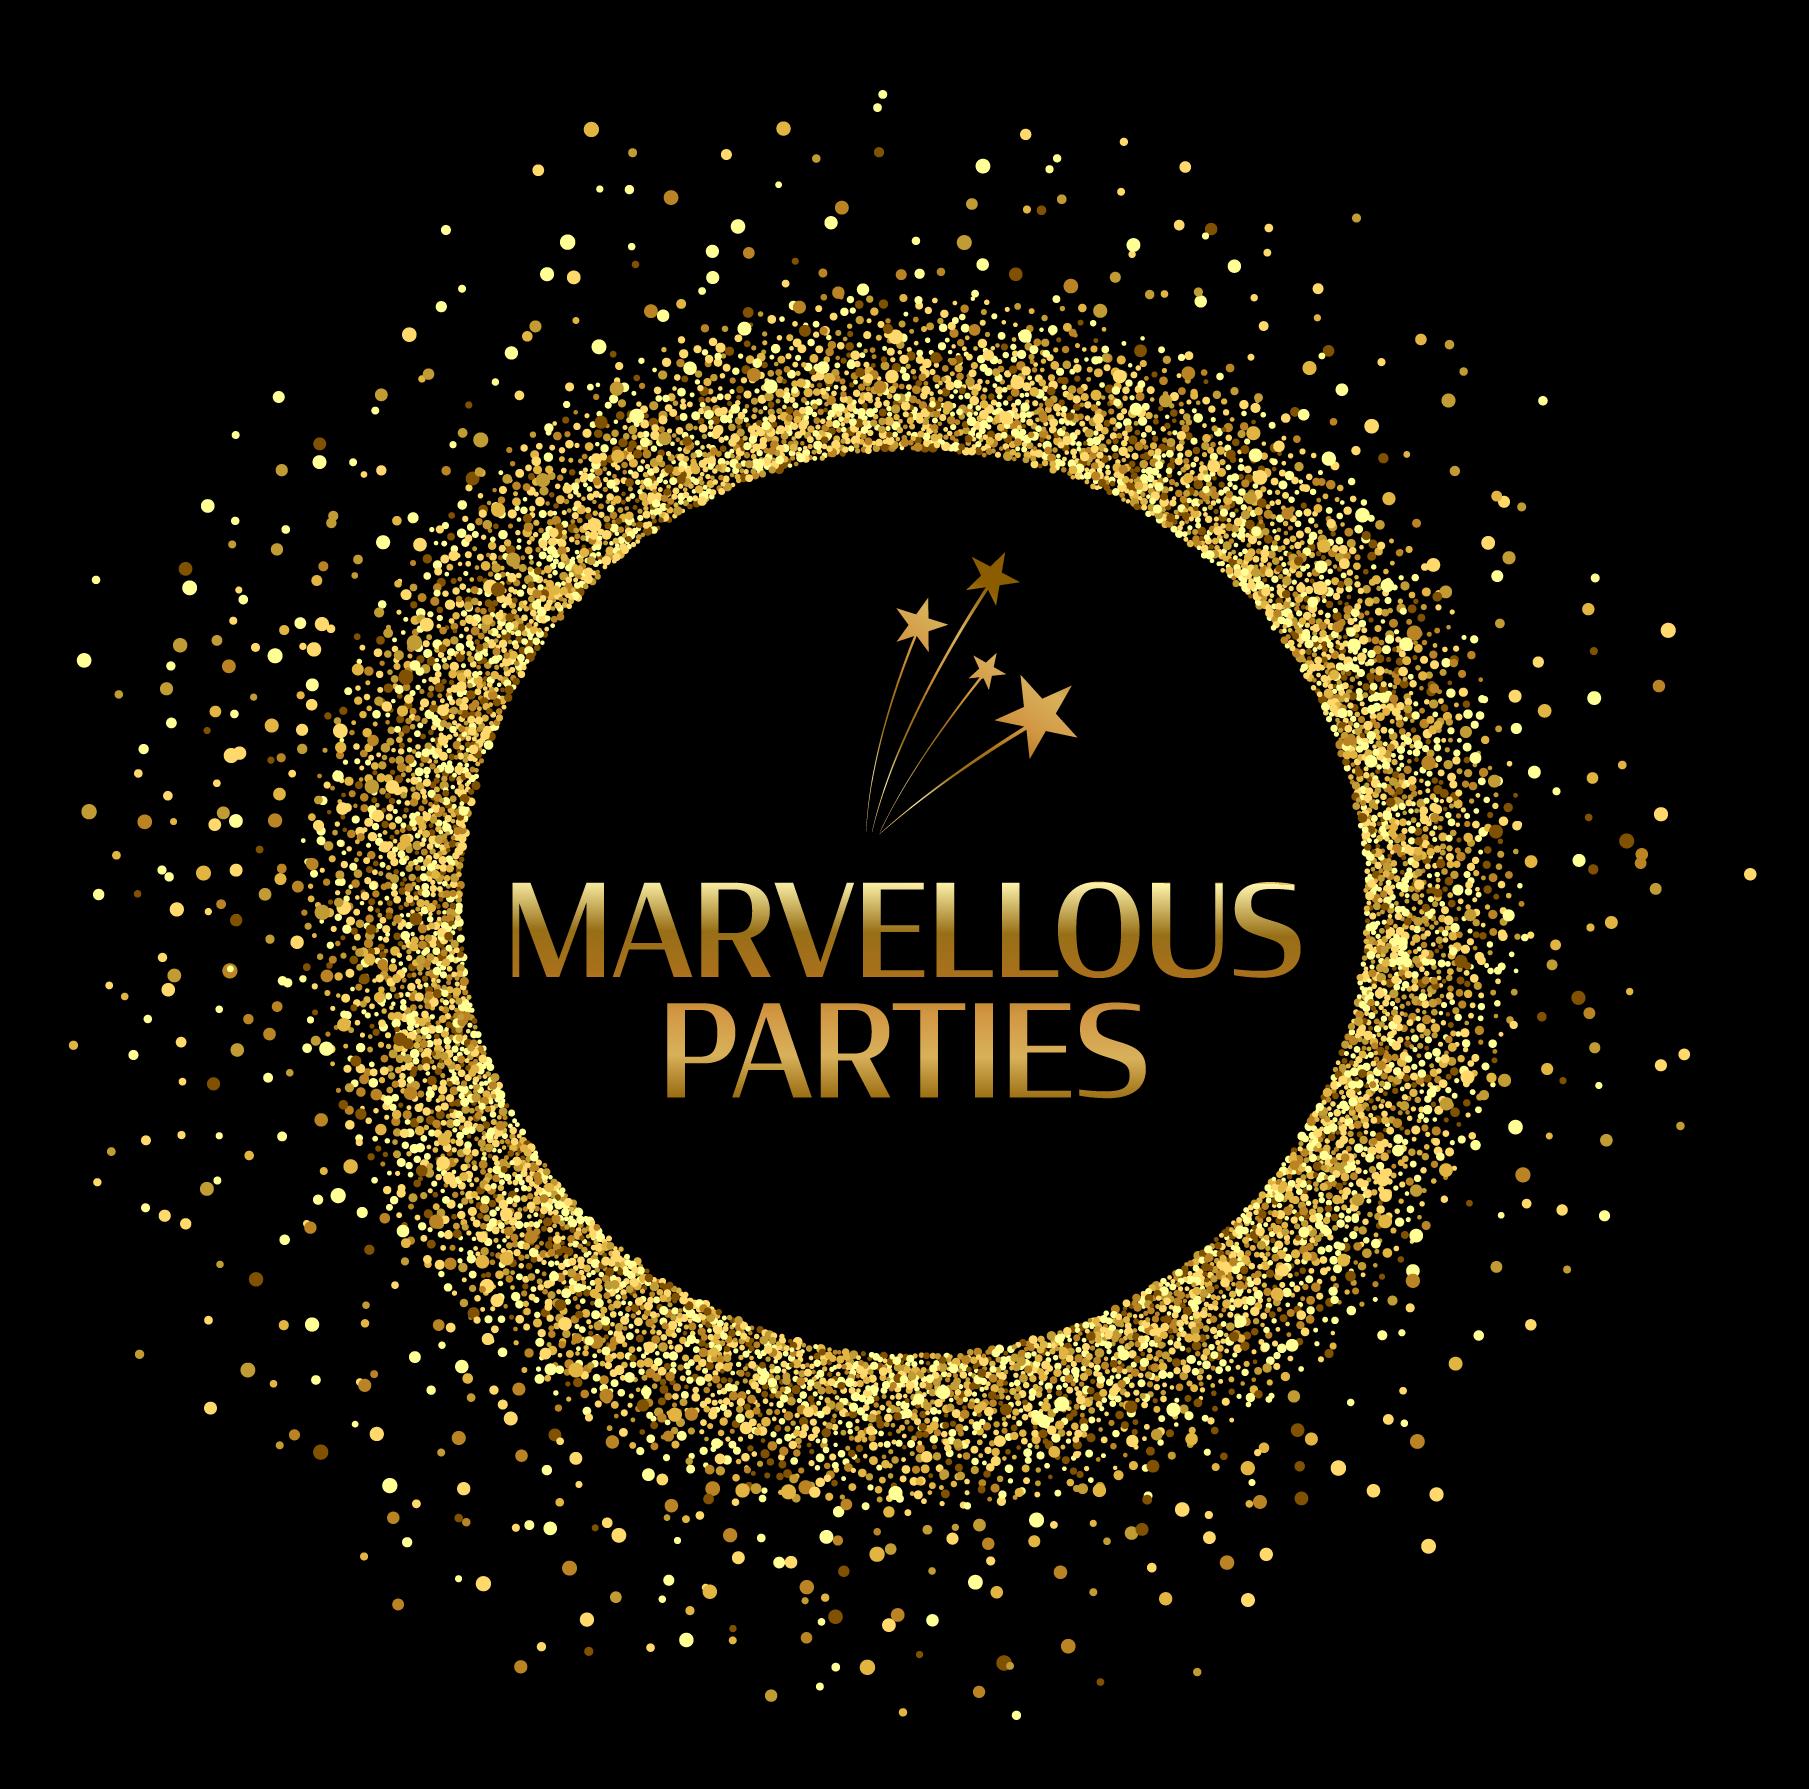 Marvellous Parties